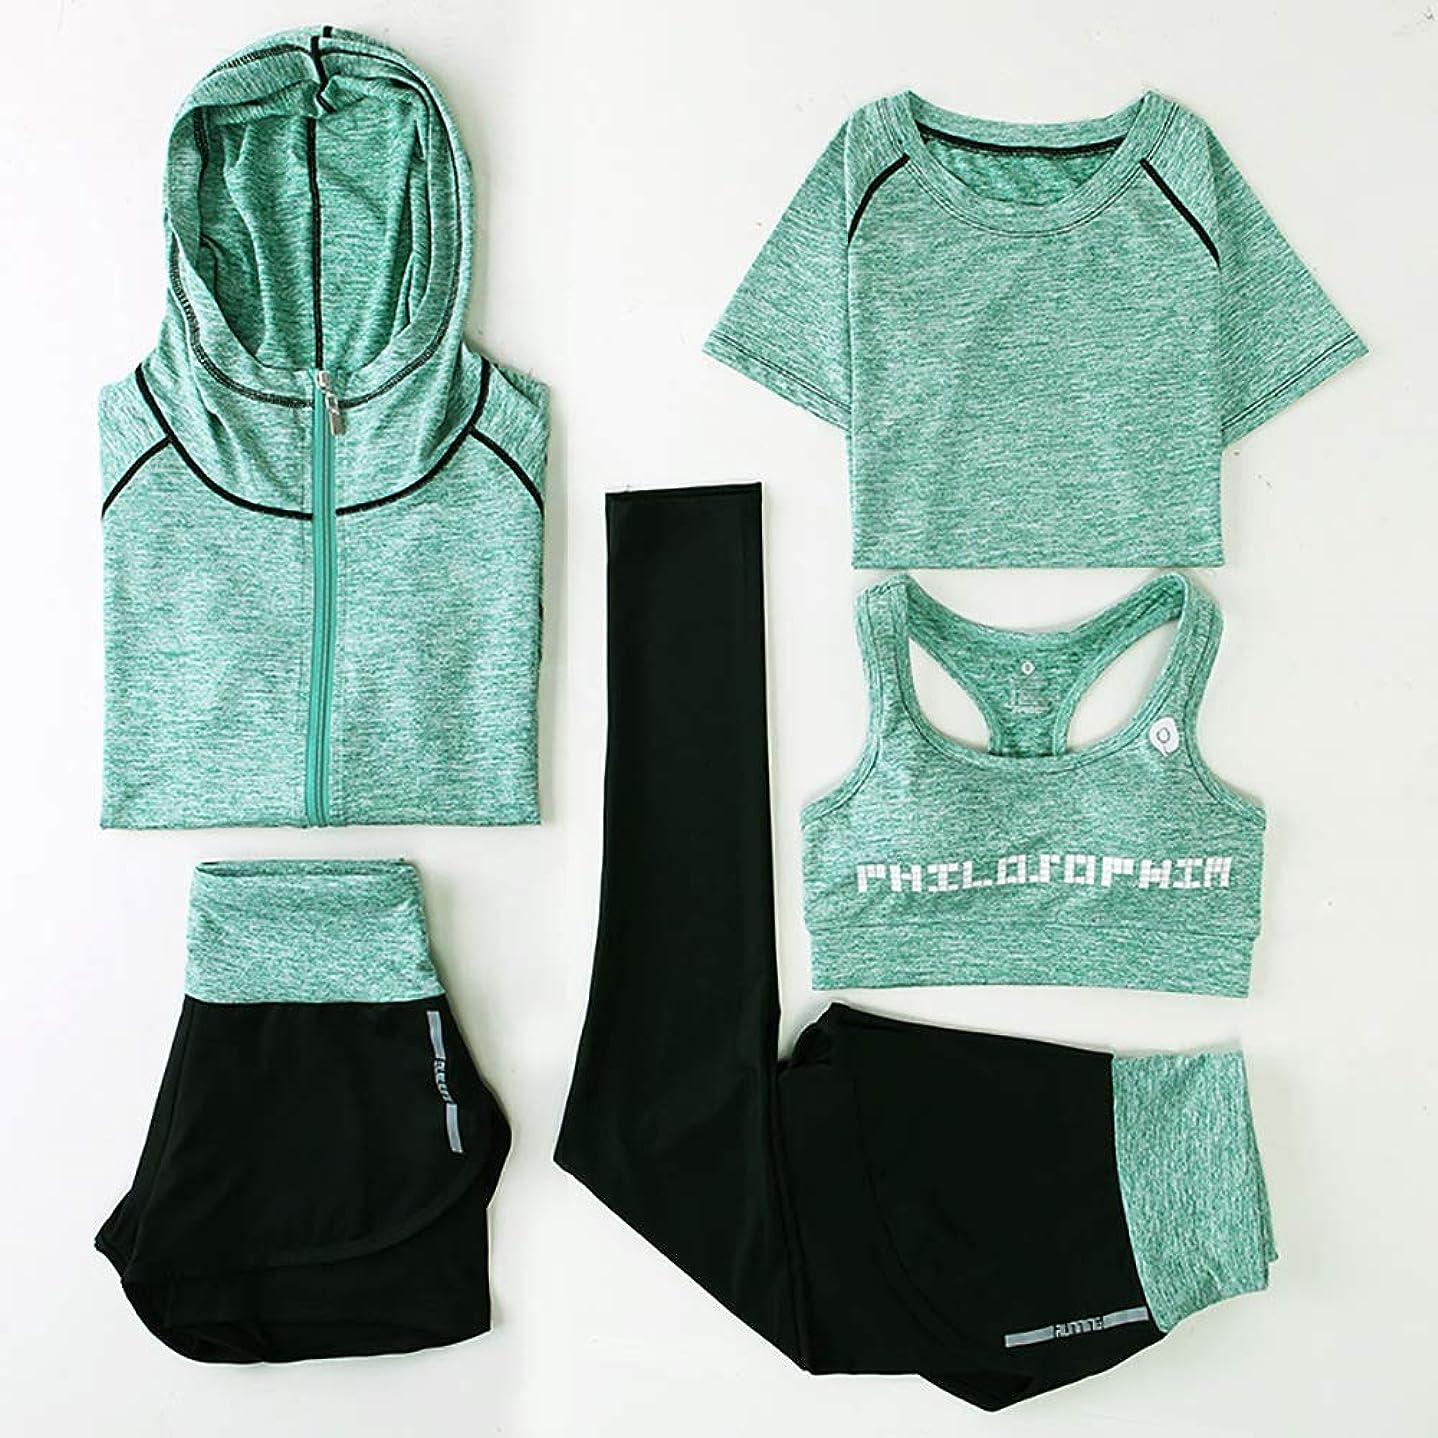 ロビー楽観的くまフィットネスウェアスーツ春と夏のヨガの服の女性のジムのスポーツスーツの屋外速乾性の服緩い薄い5ピース